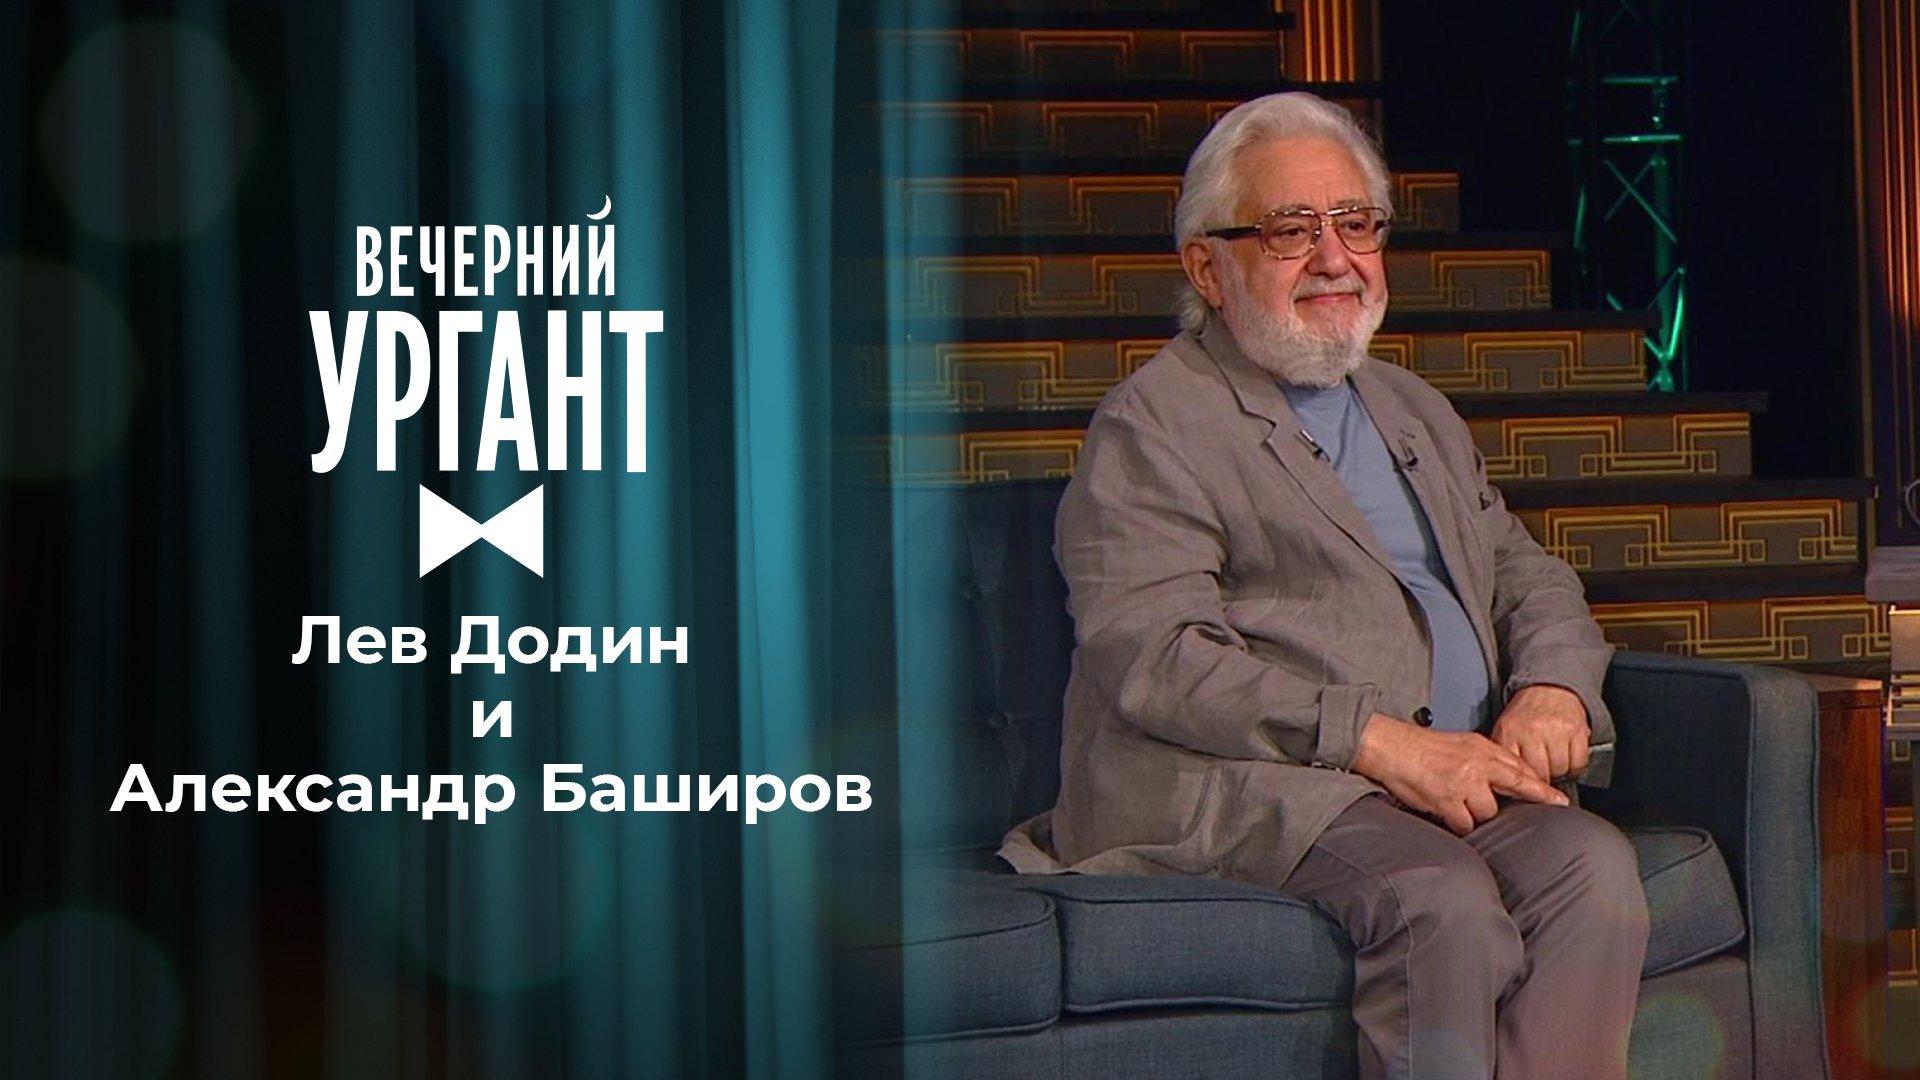 «Вечерний Ургант» вСанкт-Петербурге. Лев Додин иАлександр Баширов